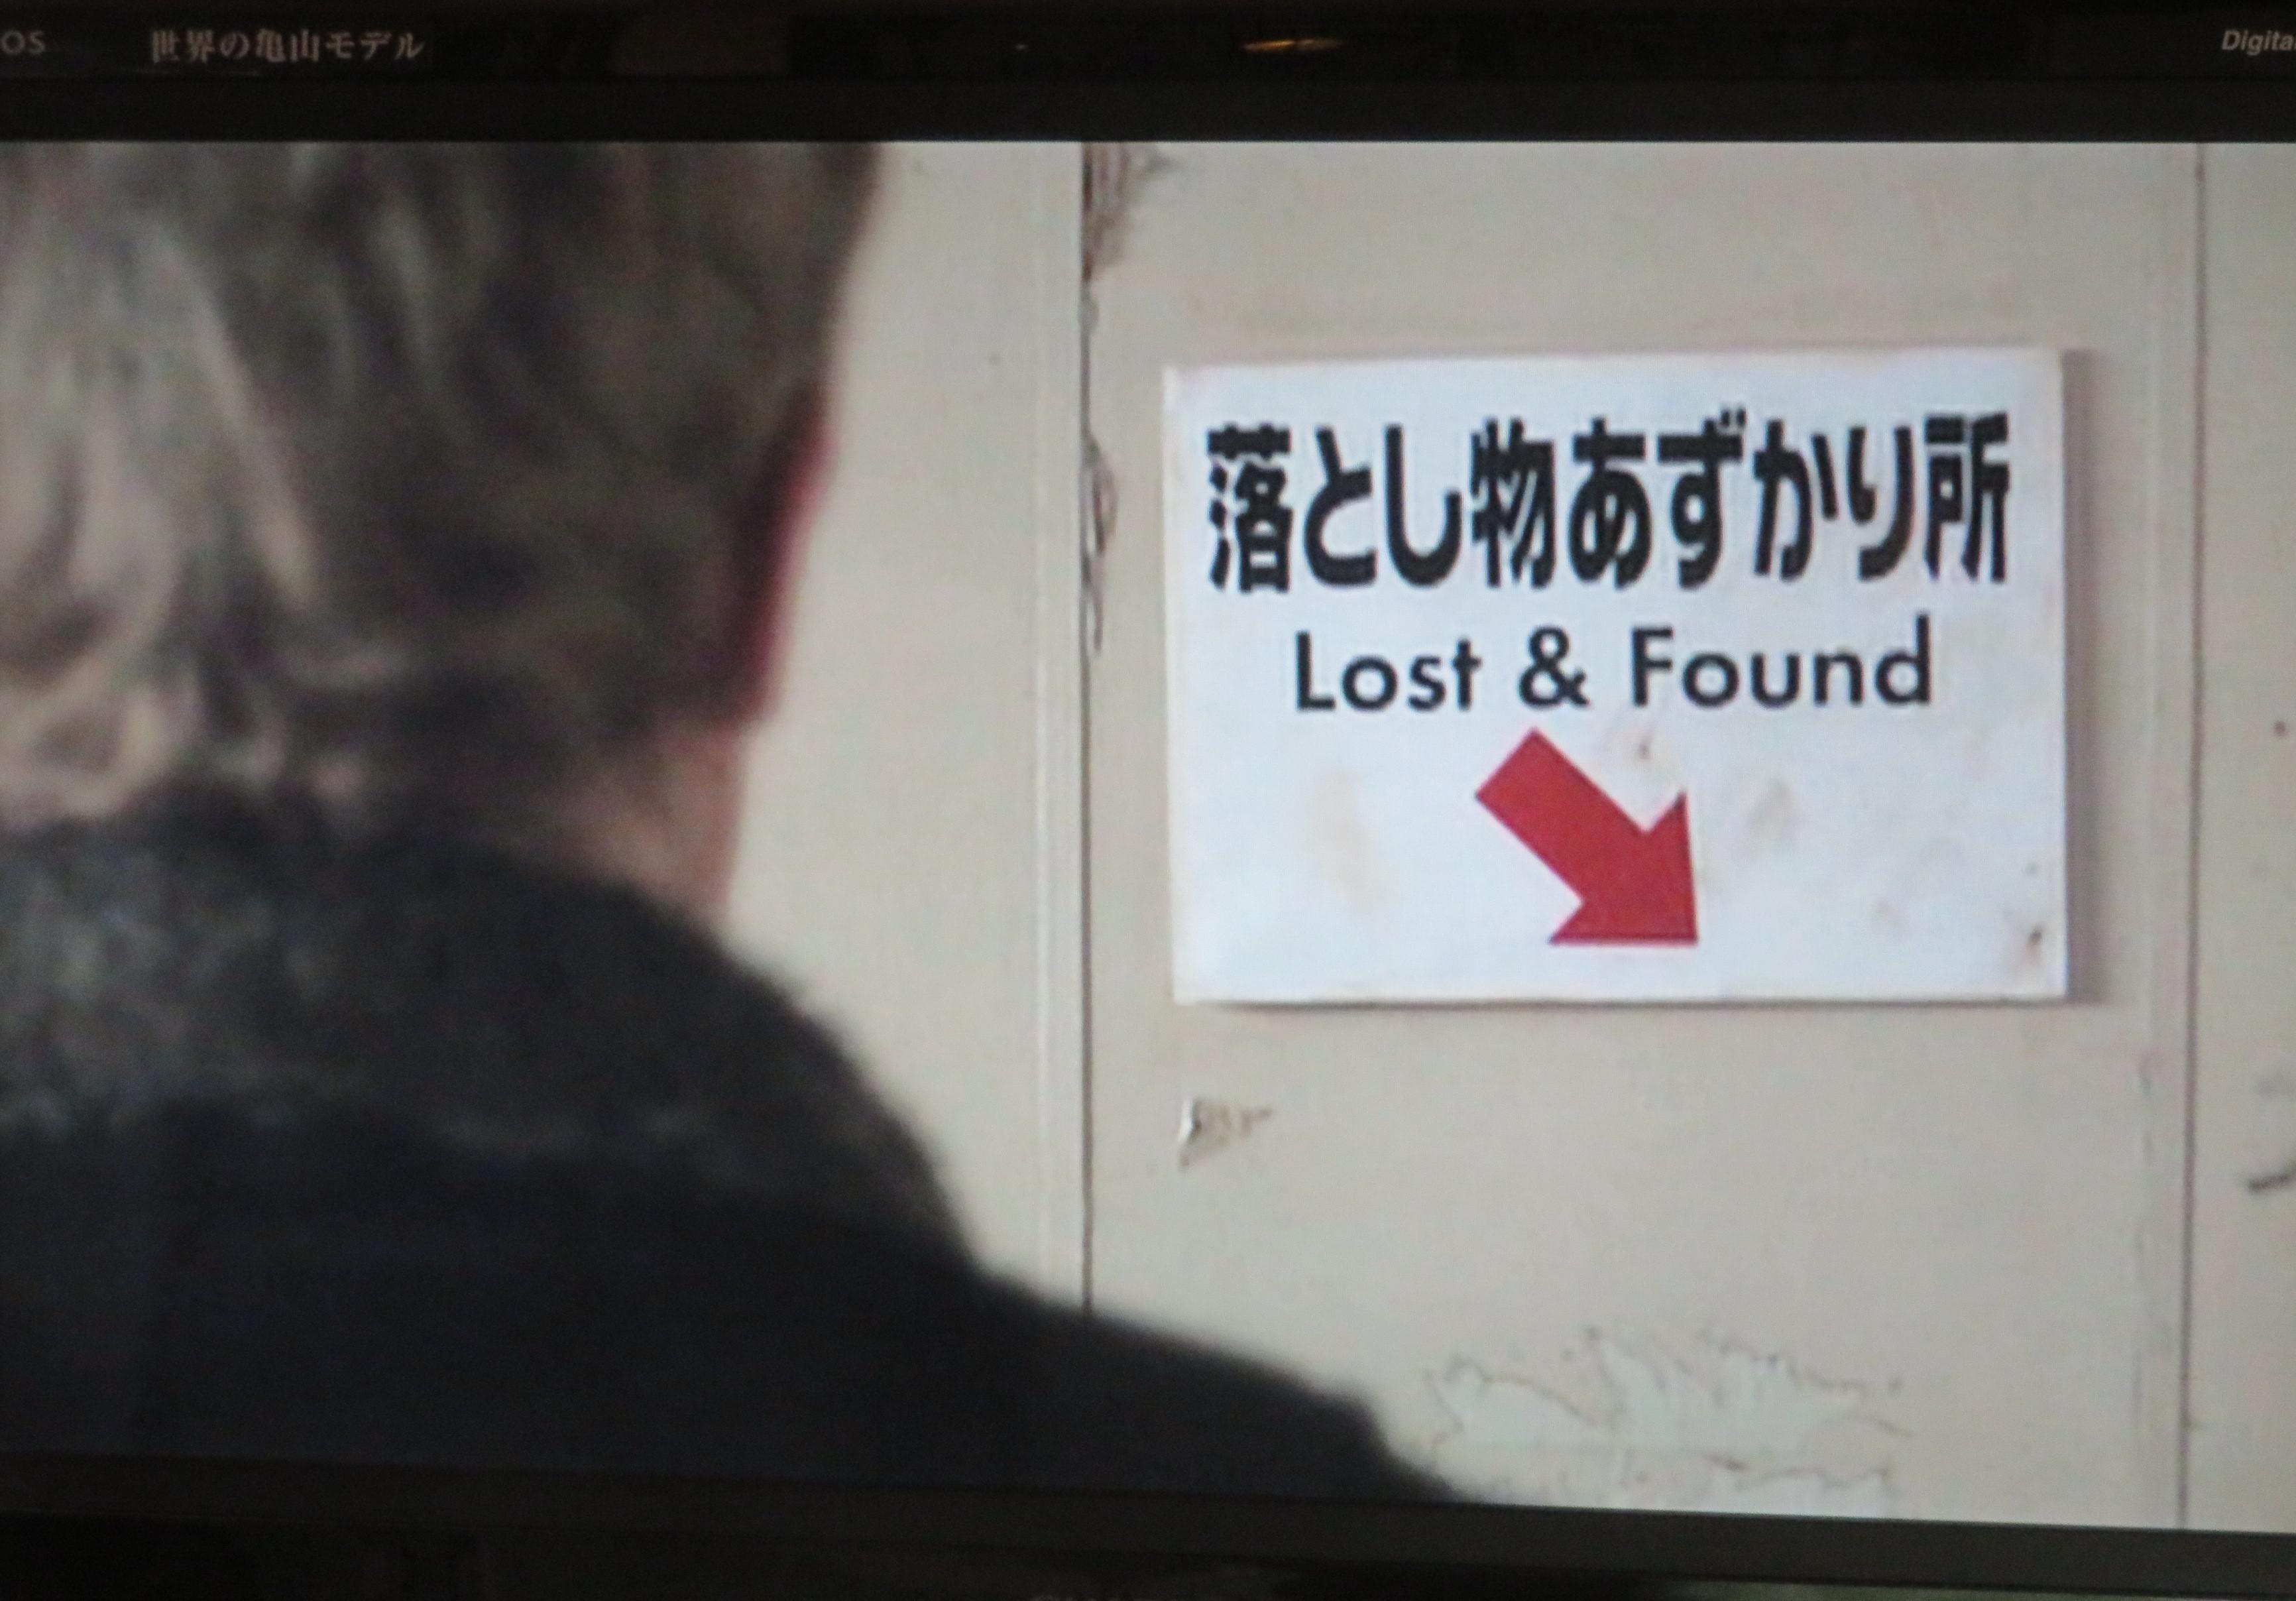 成田駅の宝物(23) 映画ロケの落し物?